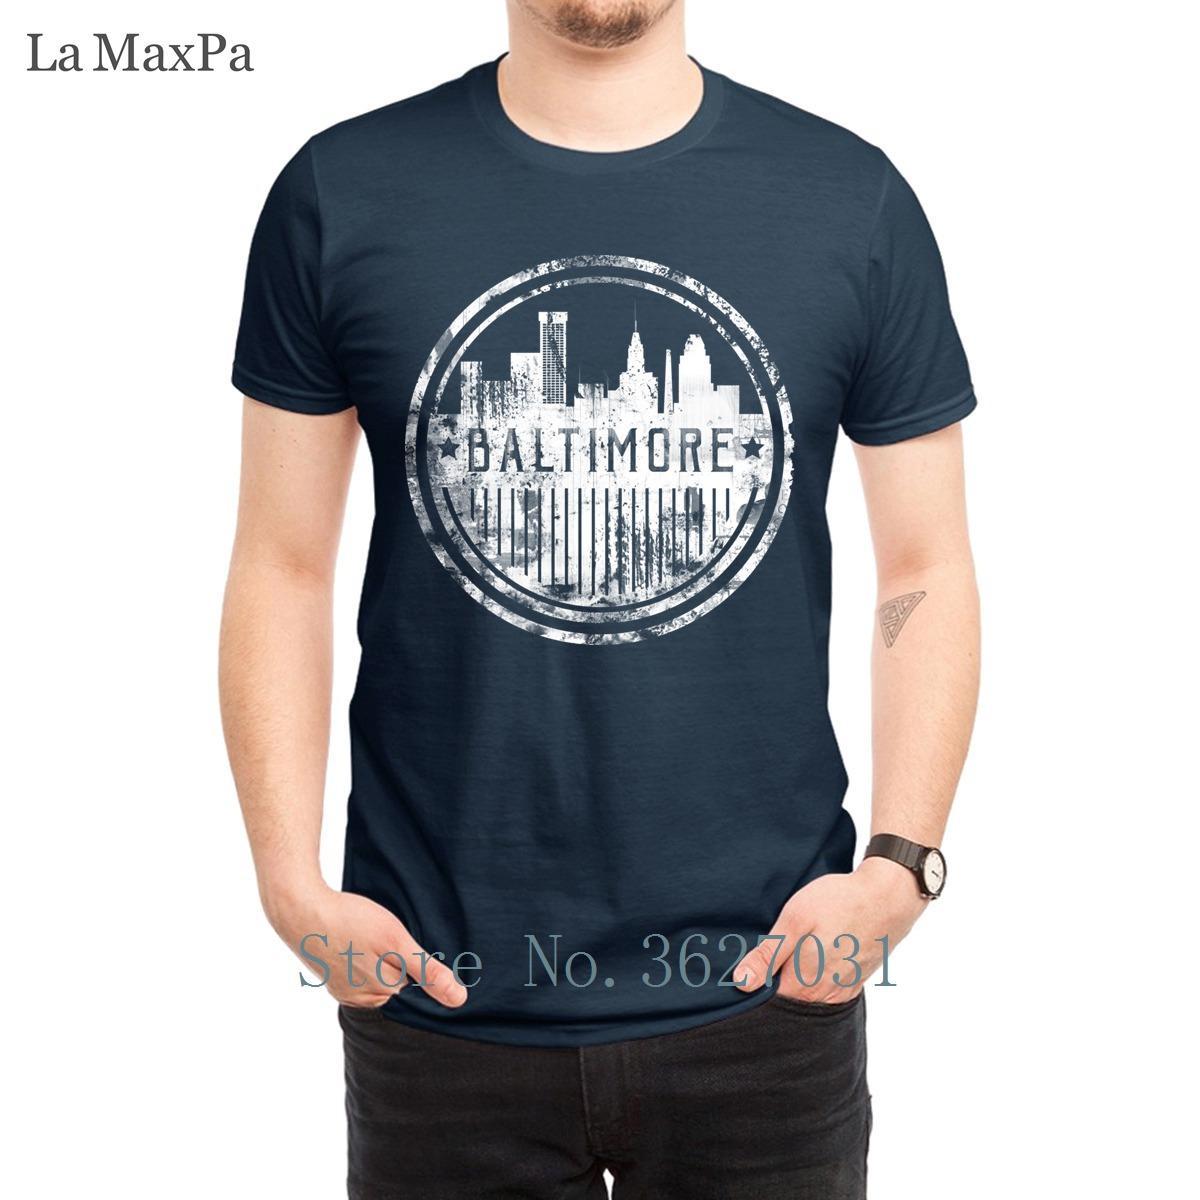 Personalizado Vintage T hombre de la camisa del Grunge del paisaje urbano de Baltimore T-shirts para hombres Diversión 2018 nuevo estilo 100% algodón Fit Camiseta